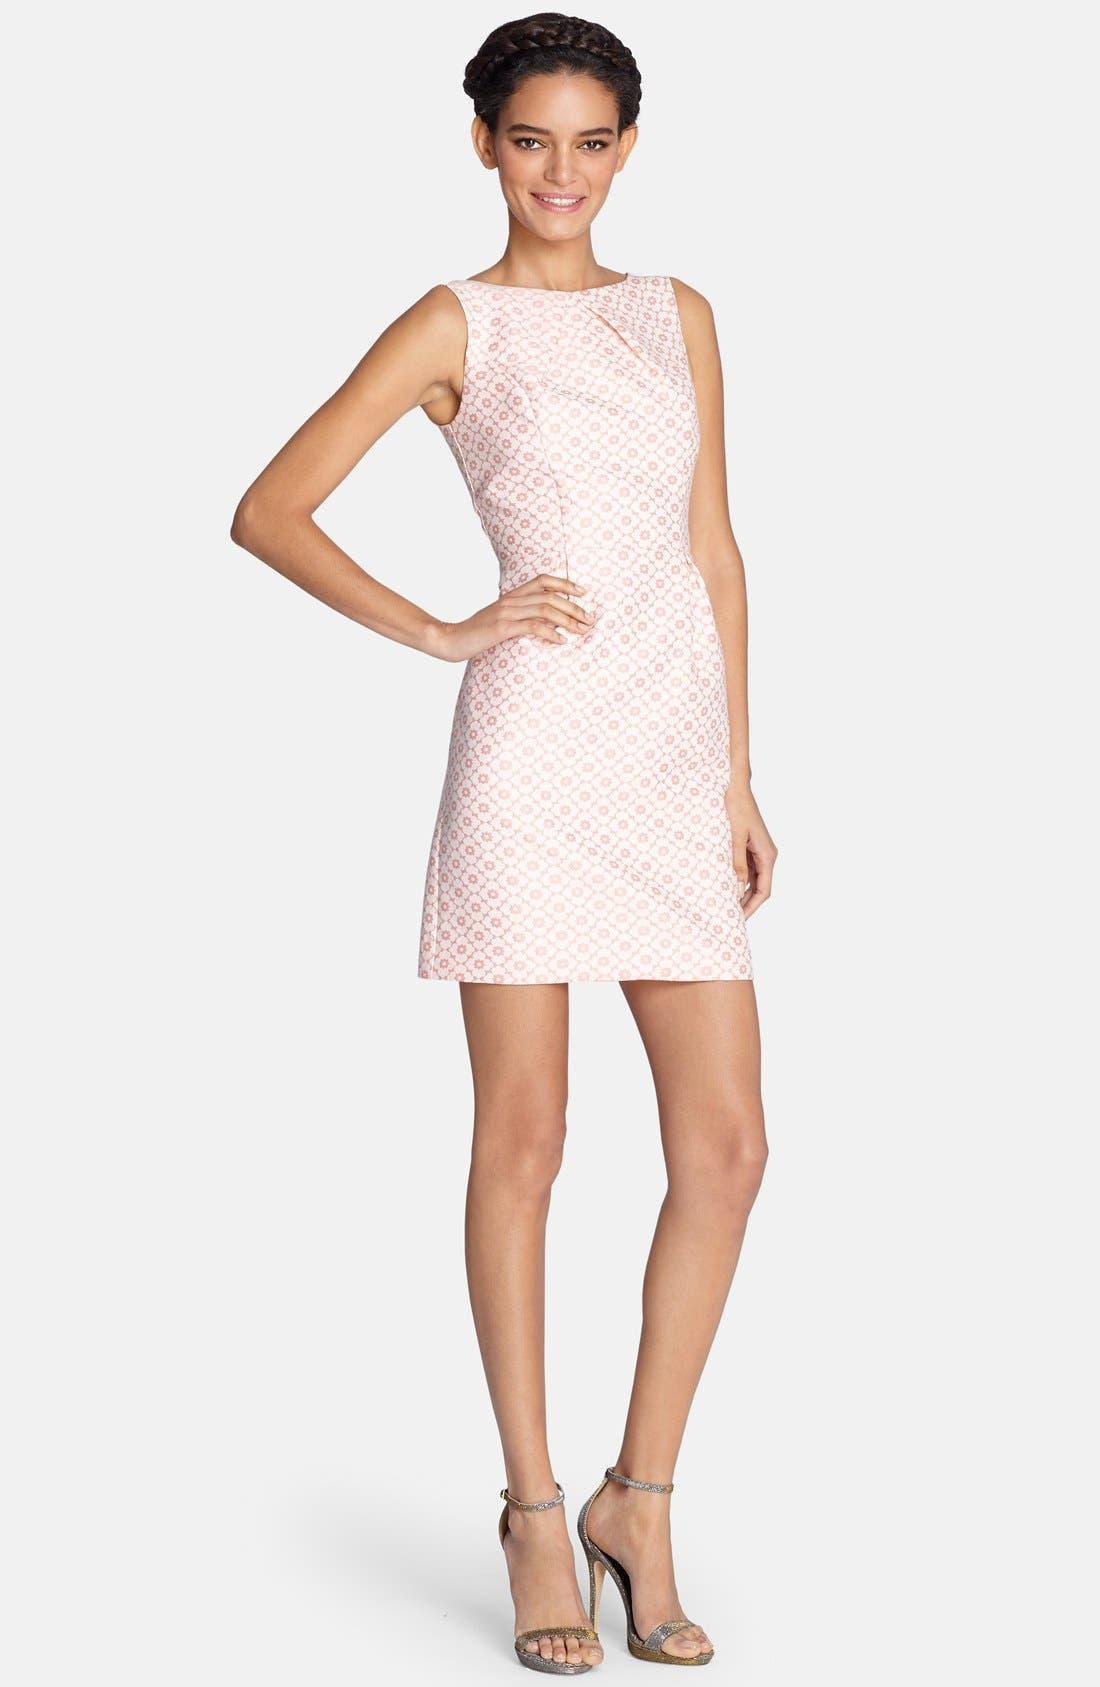 Alternate Image 1 Selected - Tahari Back Cutout Jacquard Sheath Dress